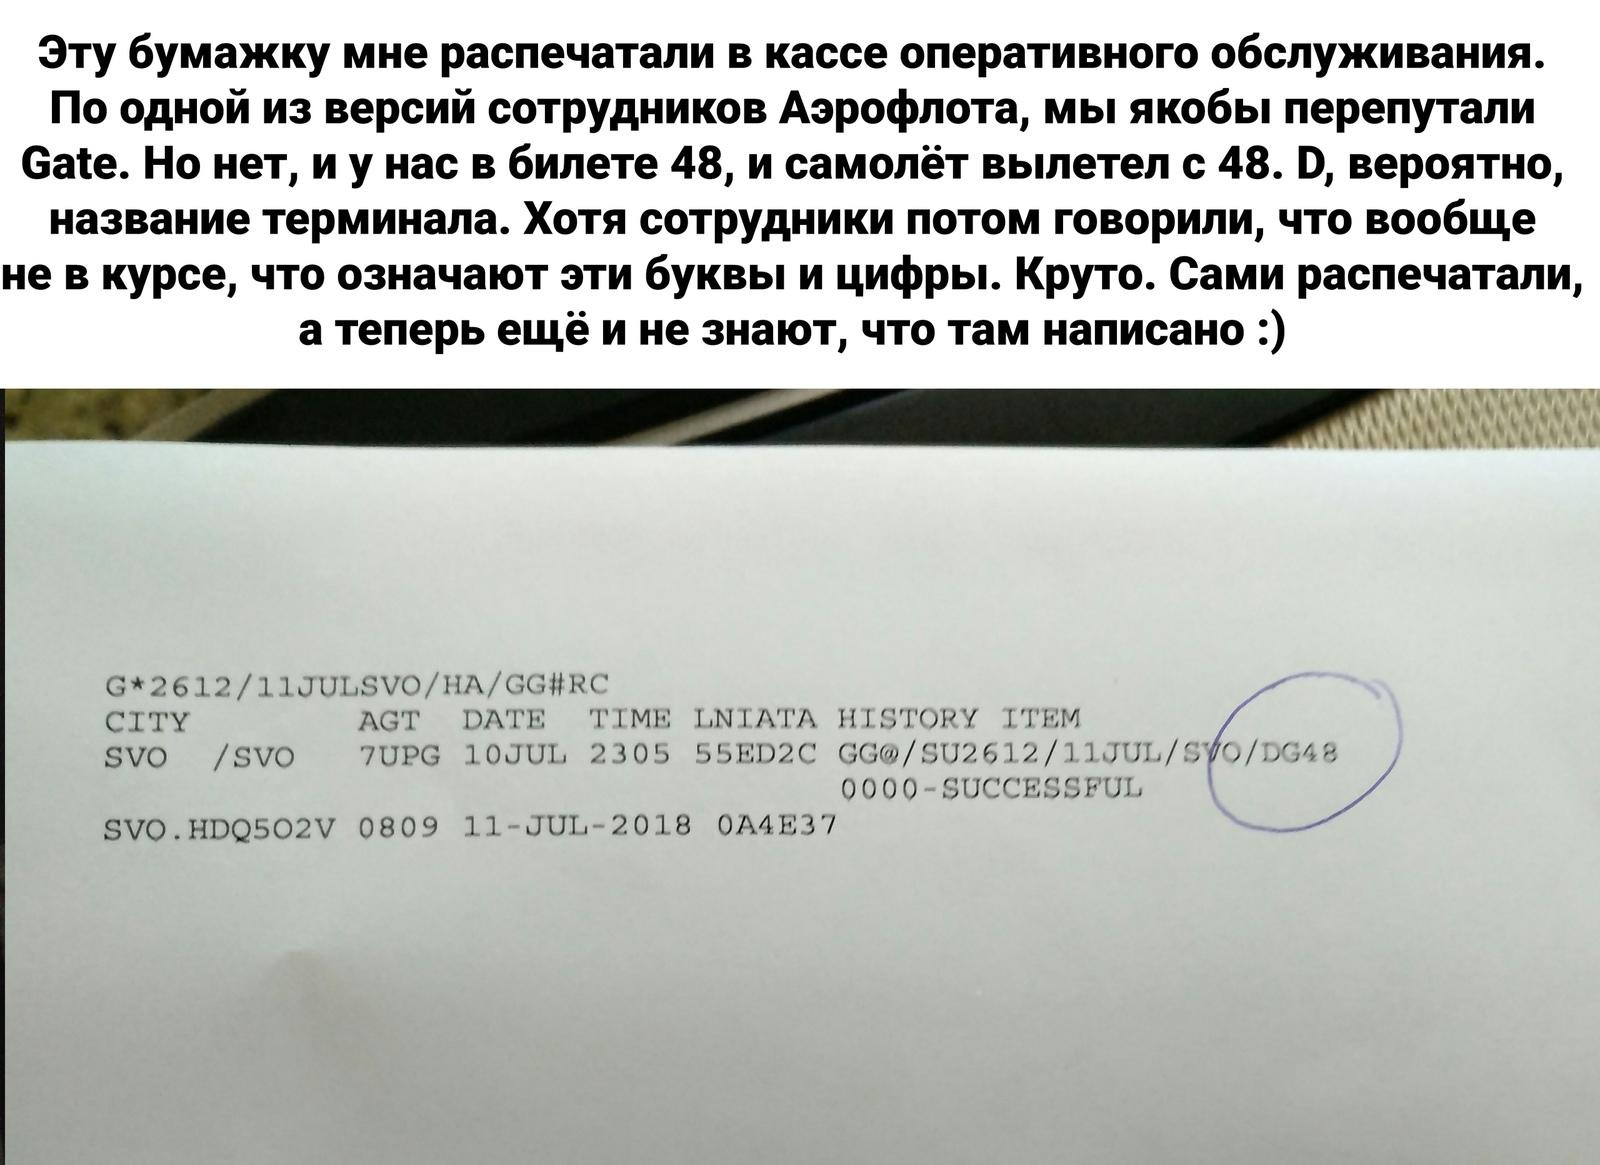 Билеты на самолеты аэрофлота своим сотрудникам цена билета самолет кривой рог москва